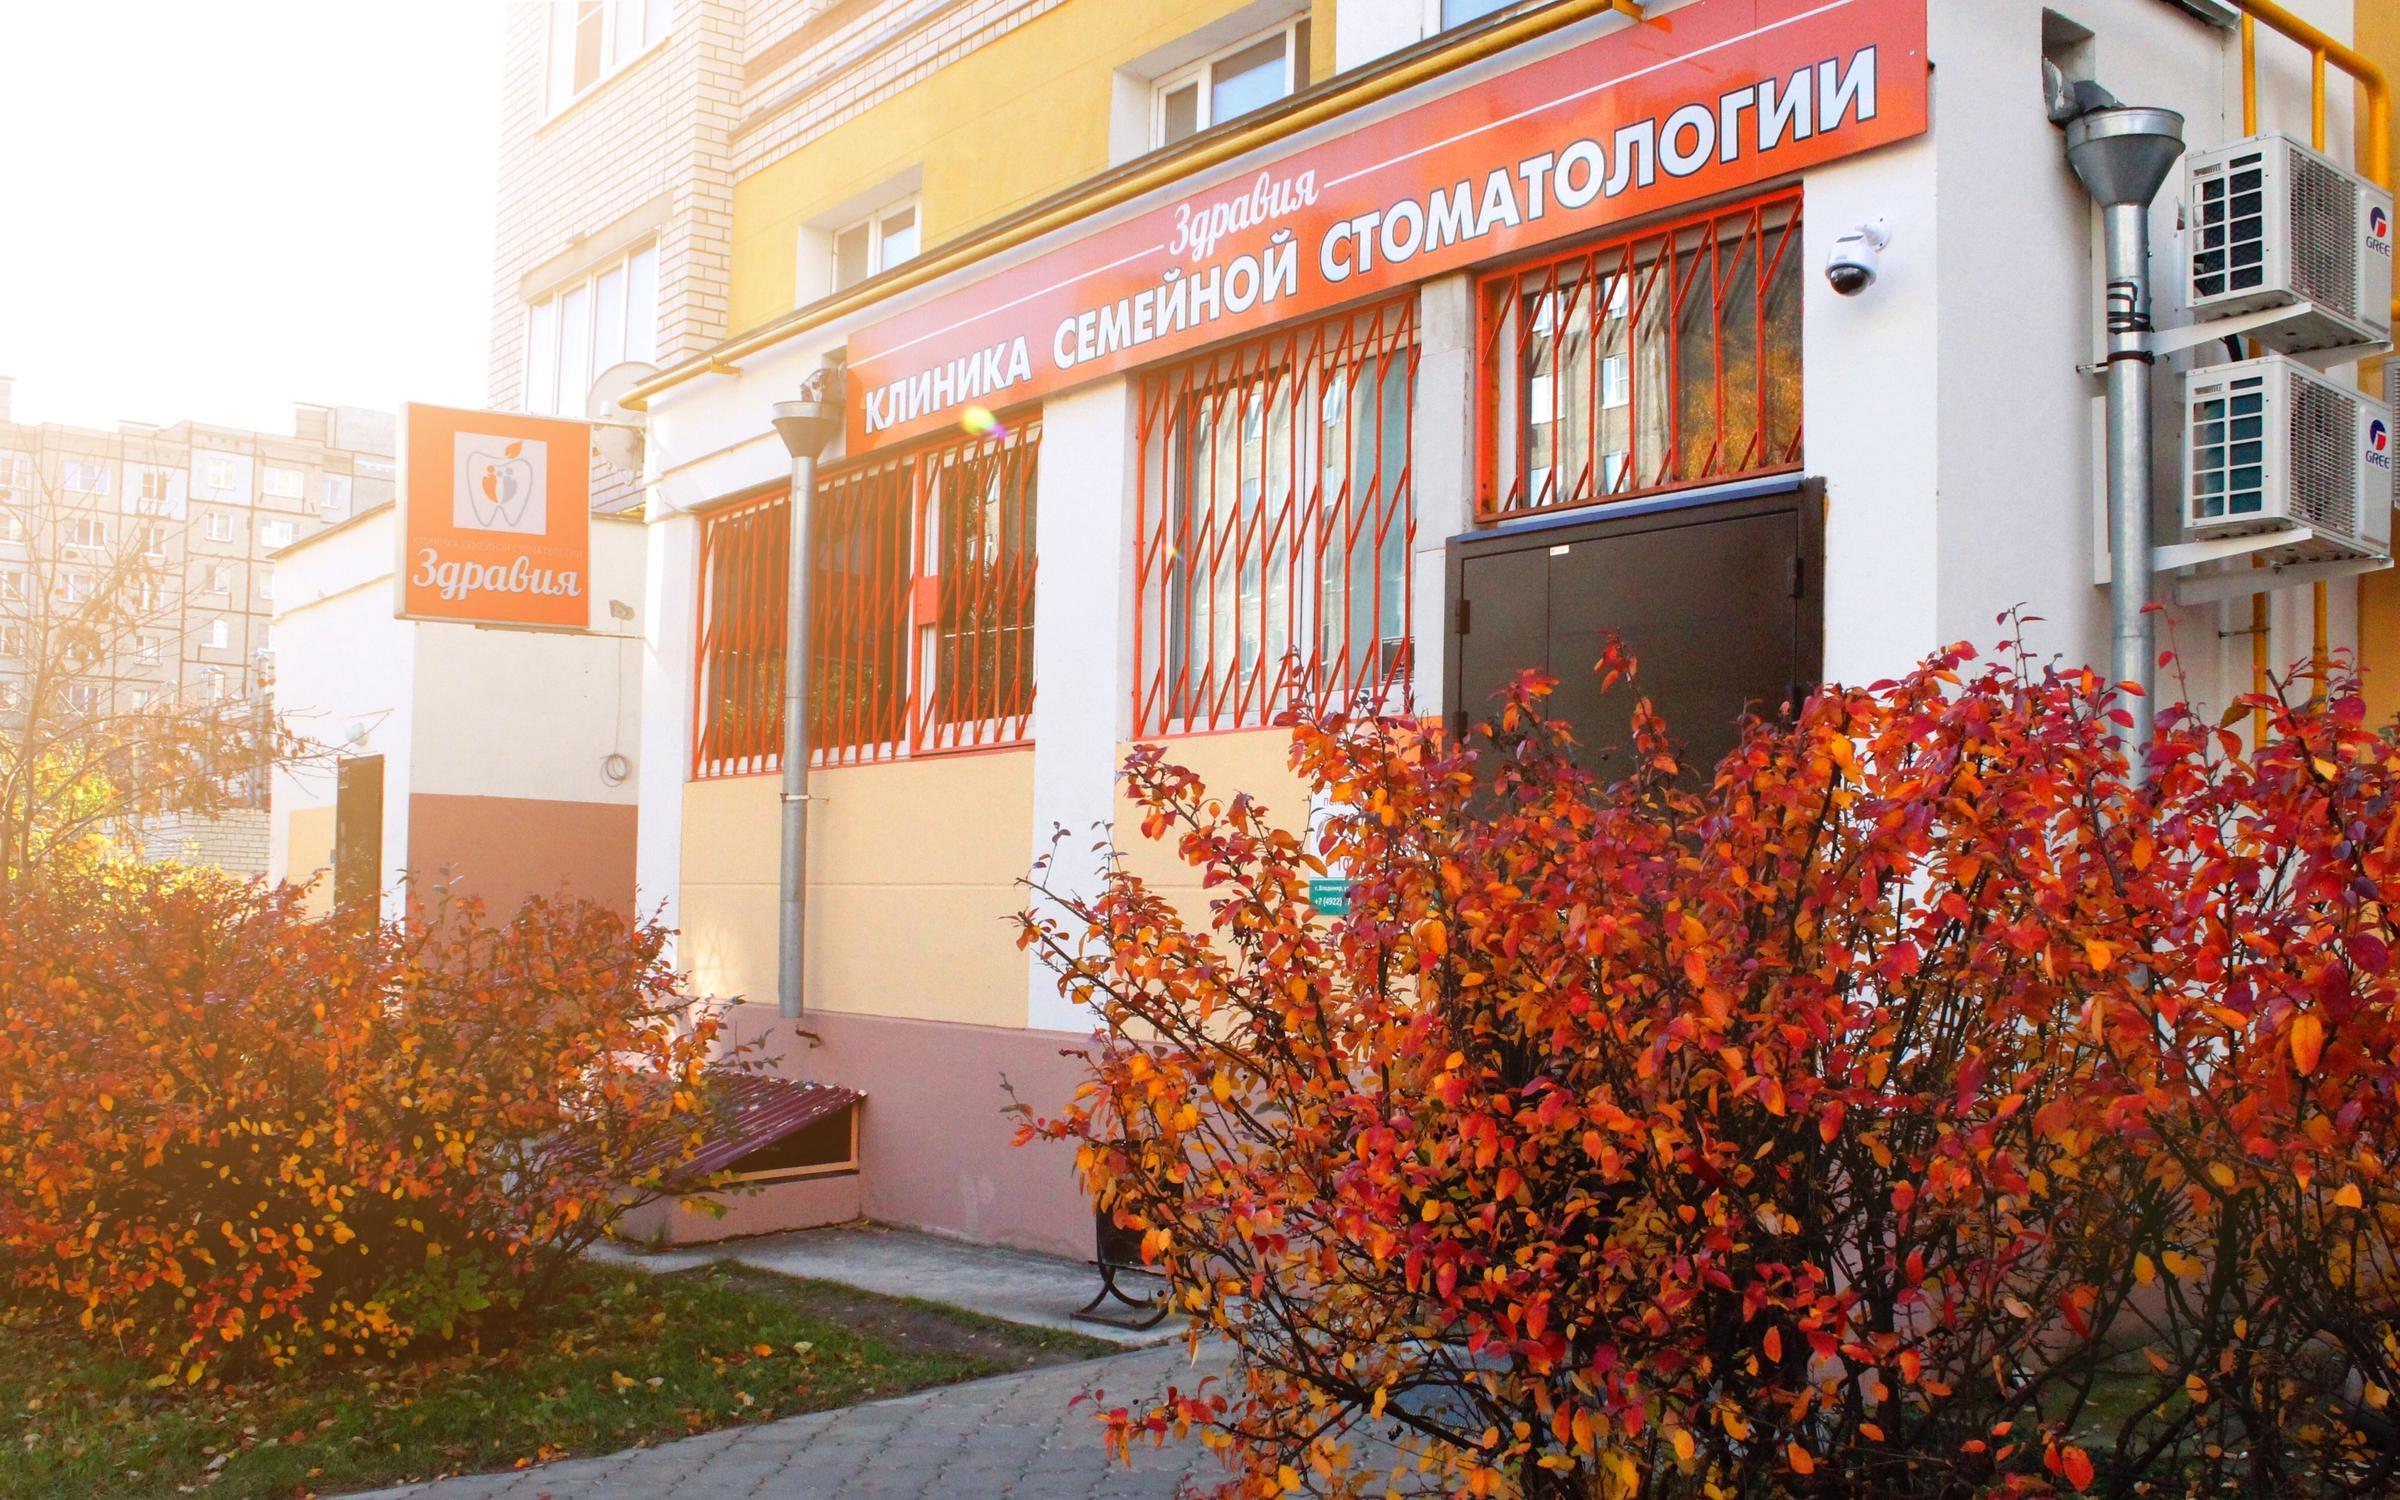 фотография Клиники семейной стоматологии Здравия в Ленинском районе